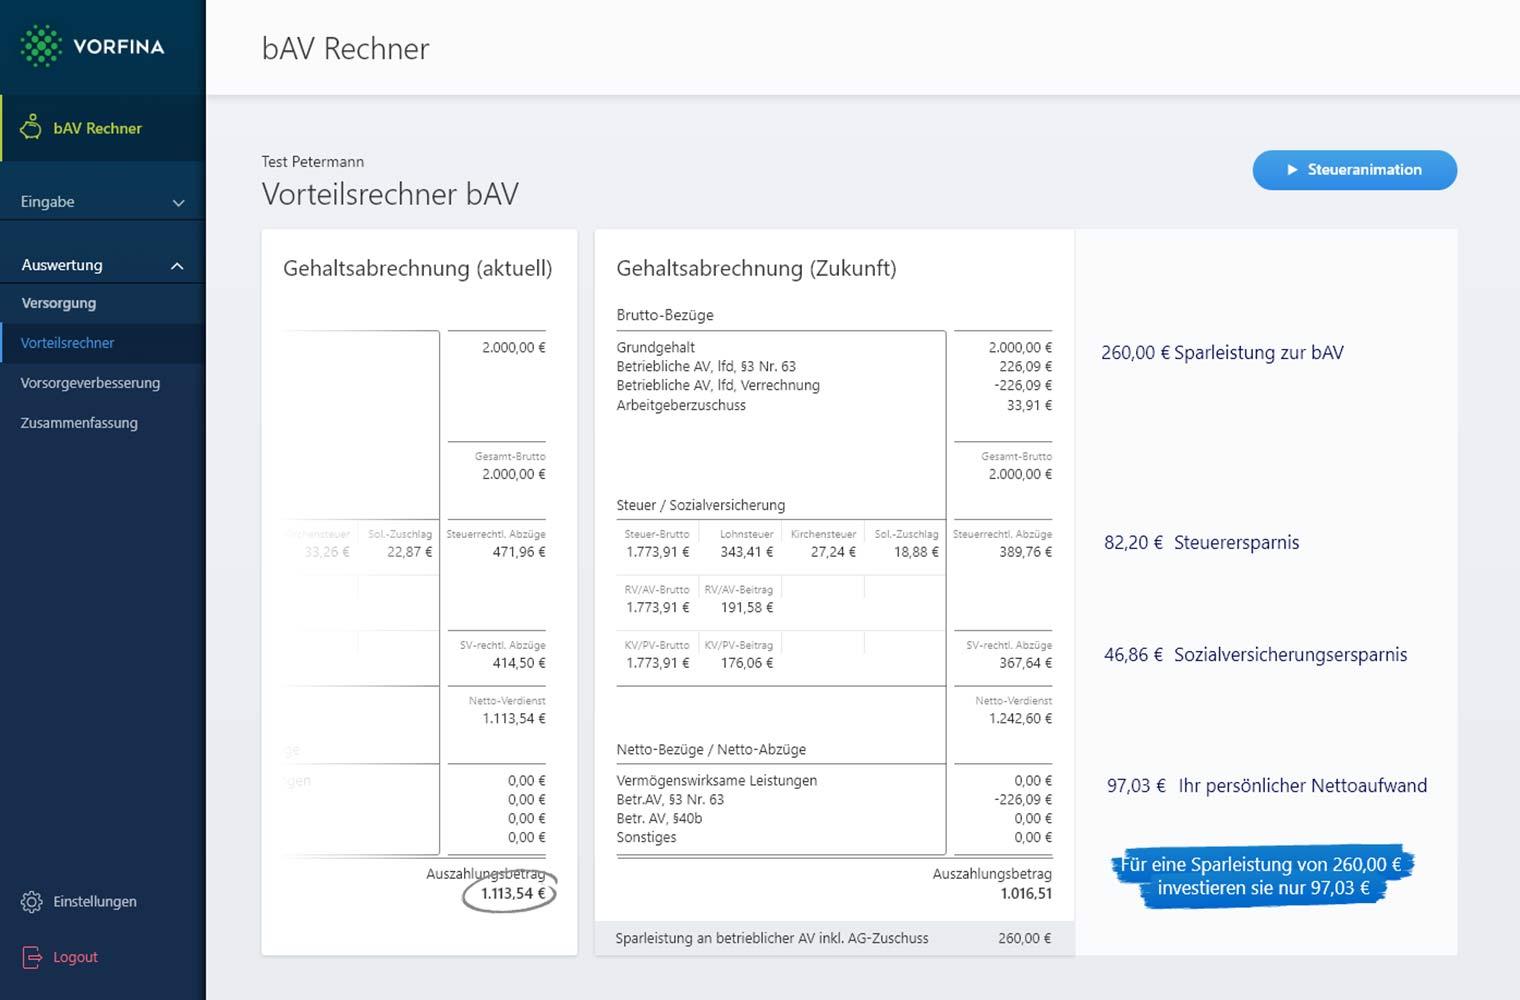 https://www.vorfina.de/wp-content/uploads/2018/12/bAV-Rechner-Steueranimation@2x.jpg